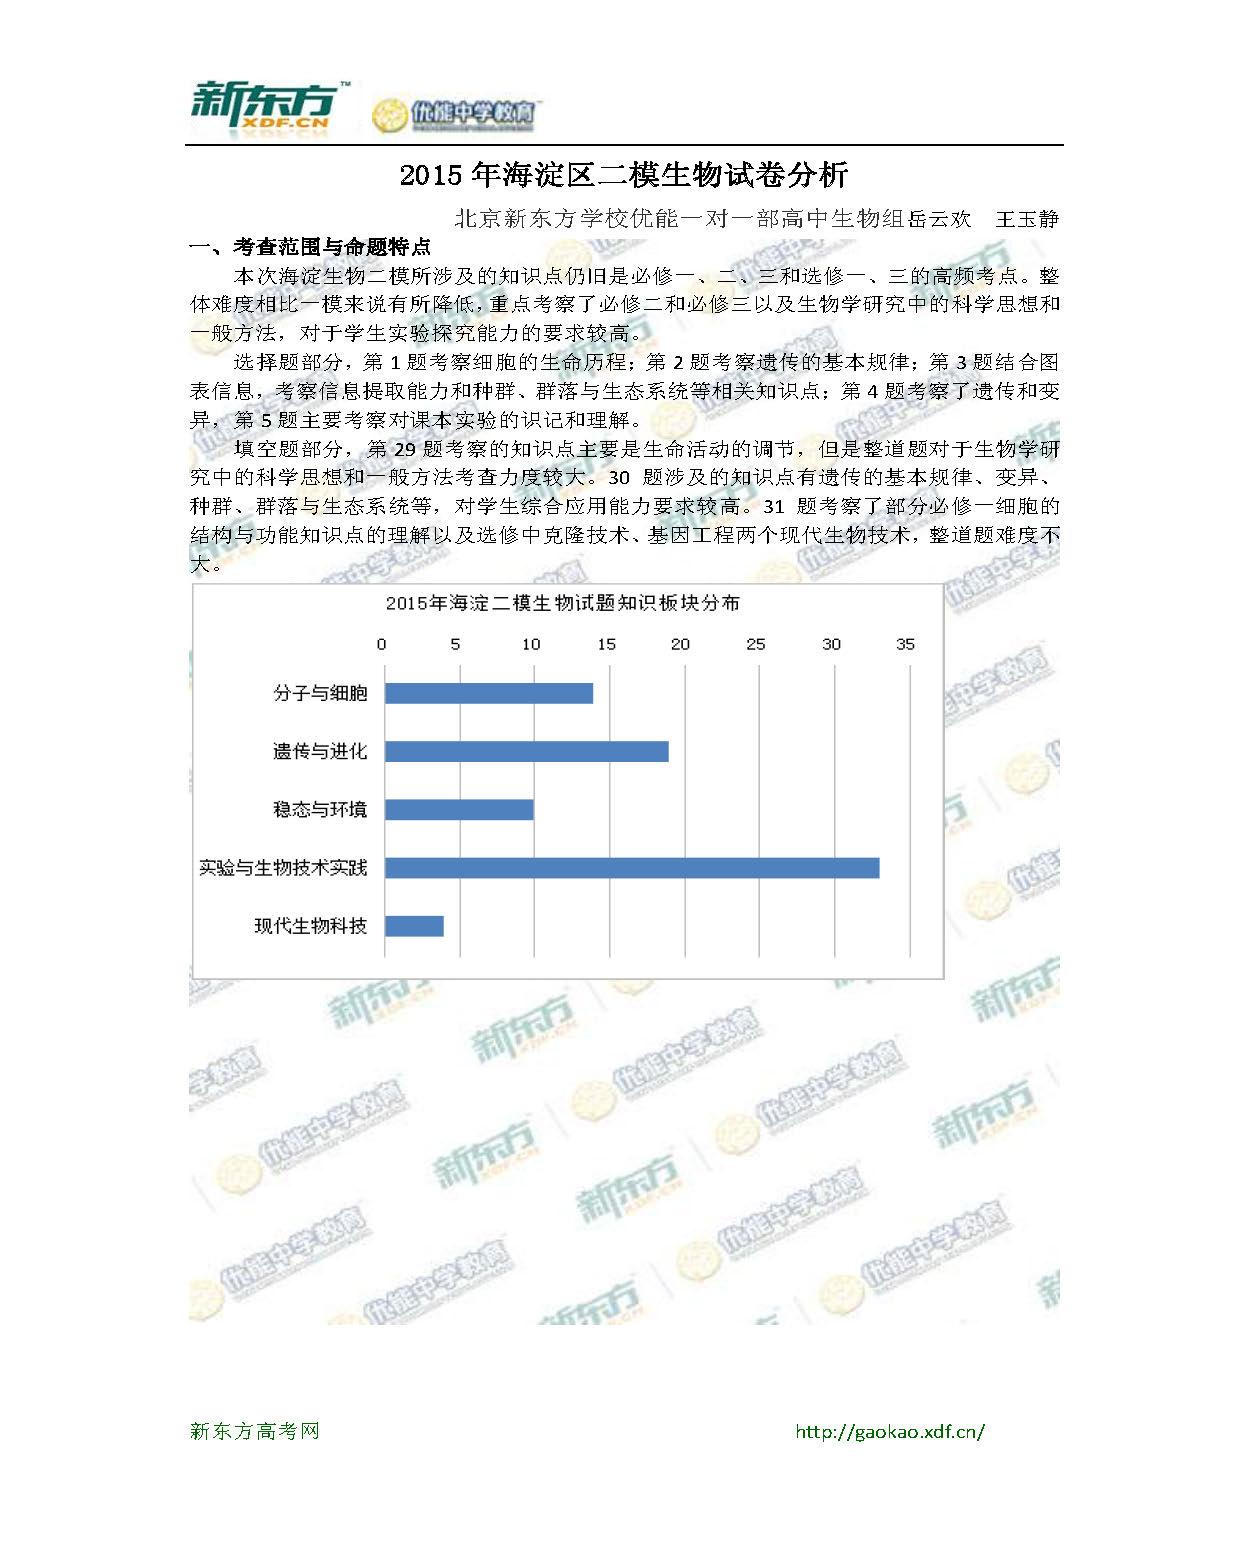 新东方:2015年海淀区二模生物试卷分析